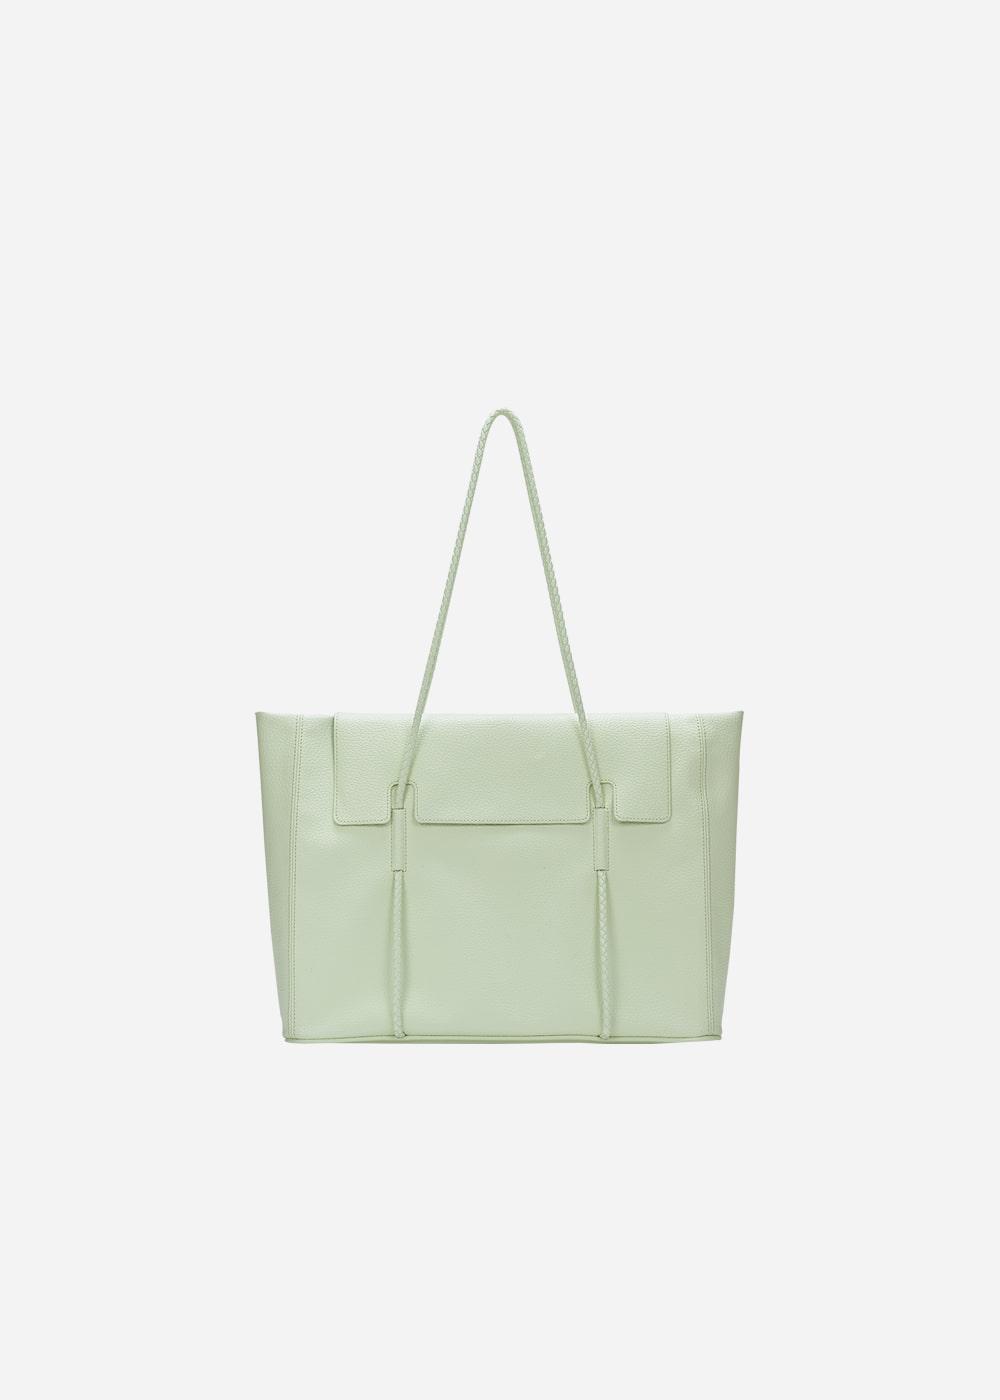 Norah Bag Mint Medium